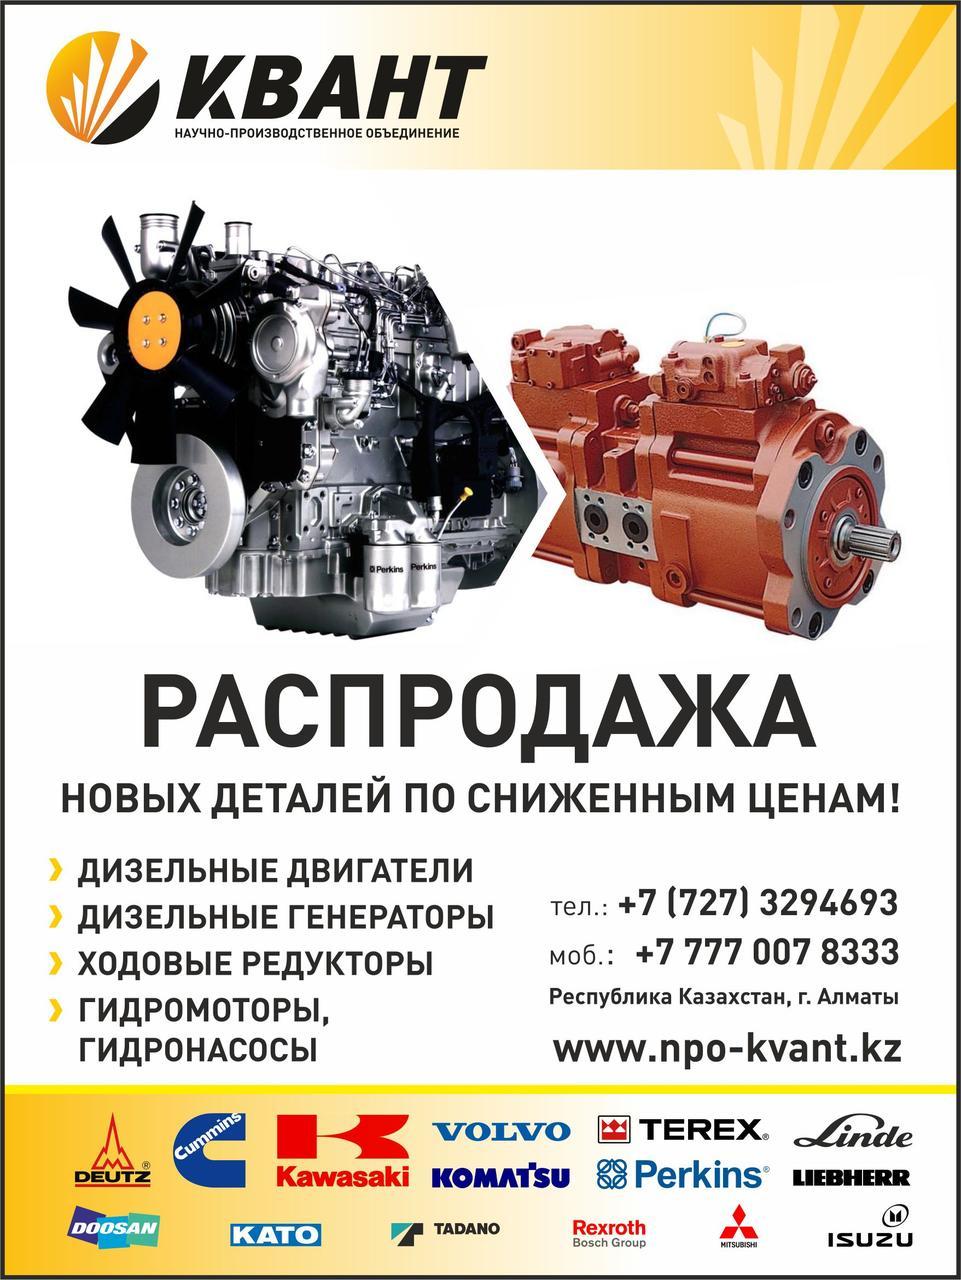 Дизельные двигатели Perkins, Алматы